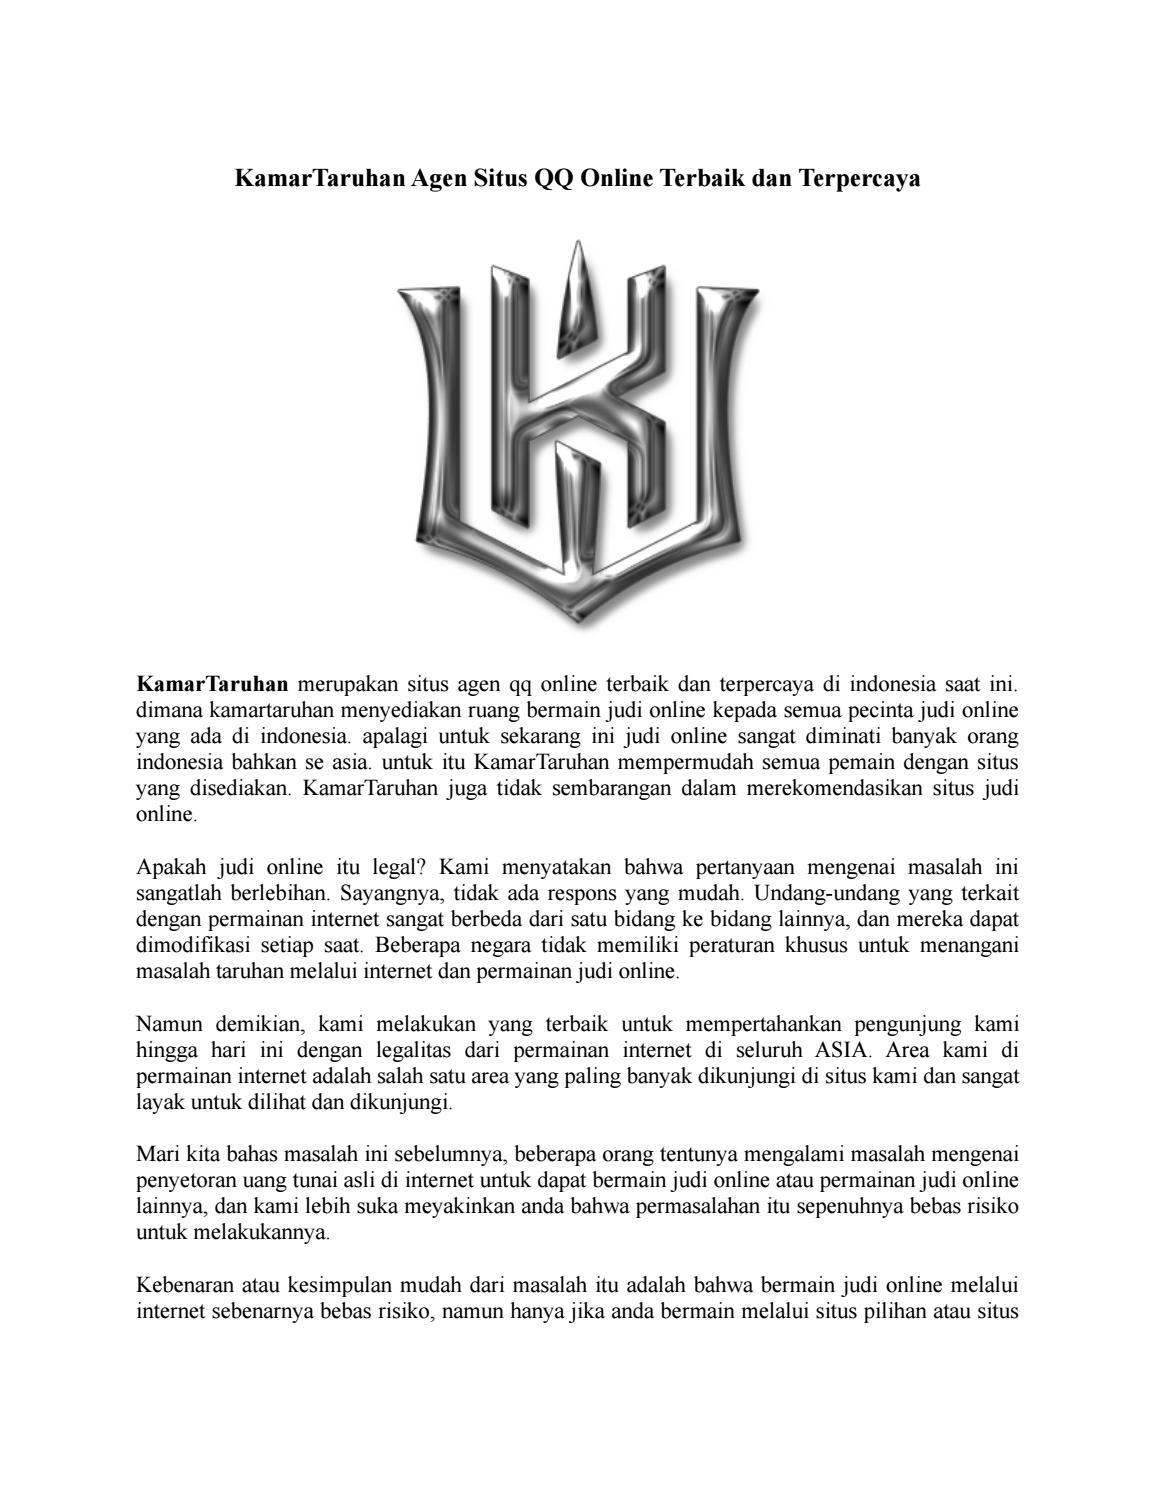 Kamartaruhan Agen Situs Qq Online Terbaik By Kamartaruhan Issuu